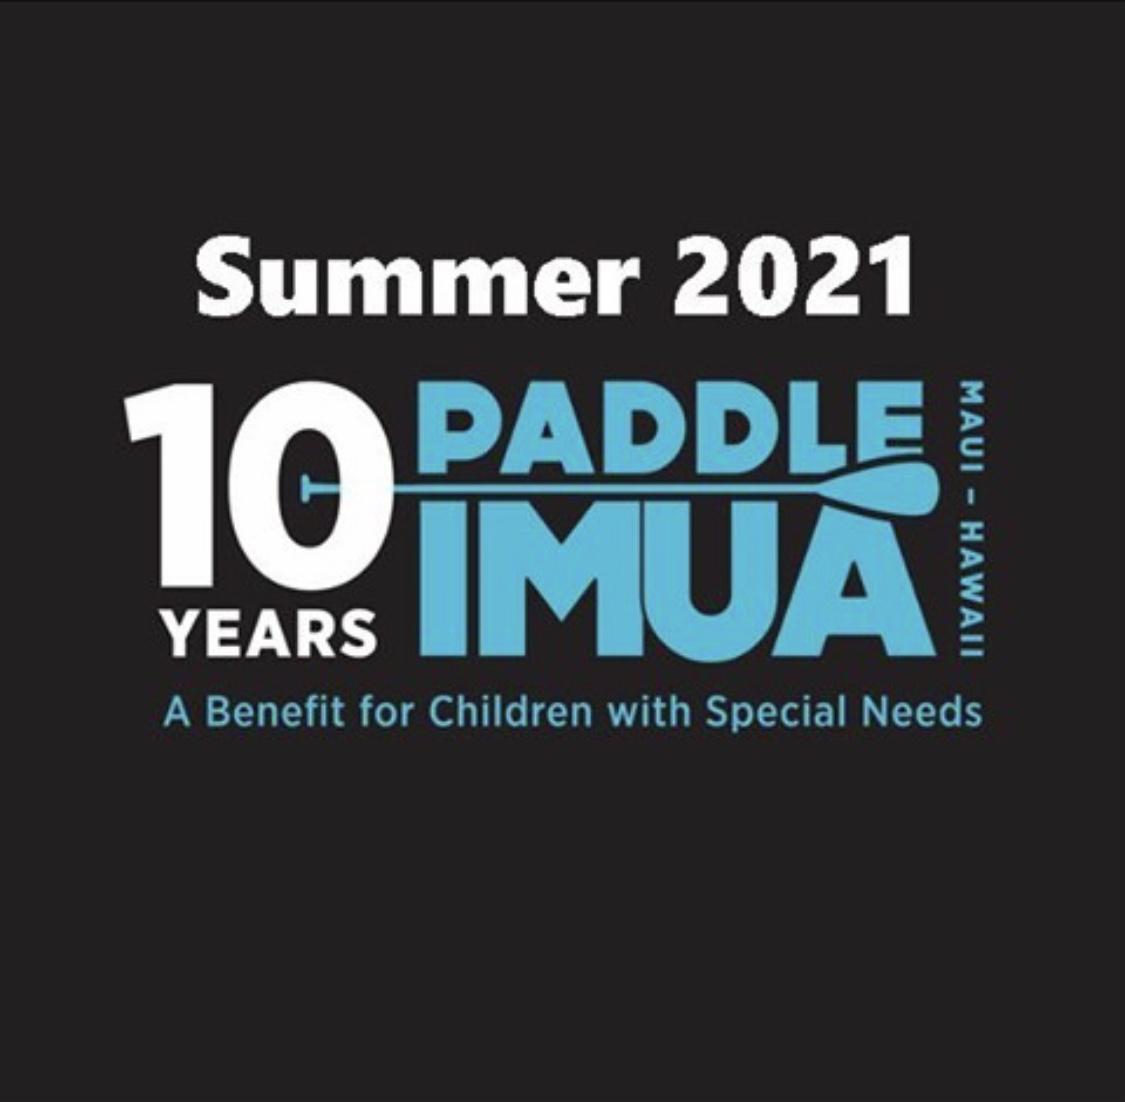 IMG_3402Paddle-IMUA-2021-